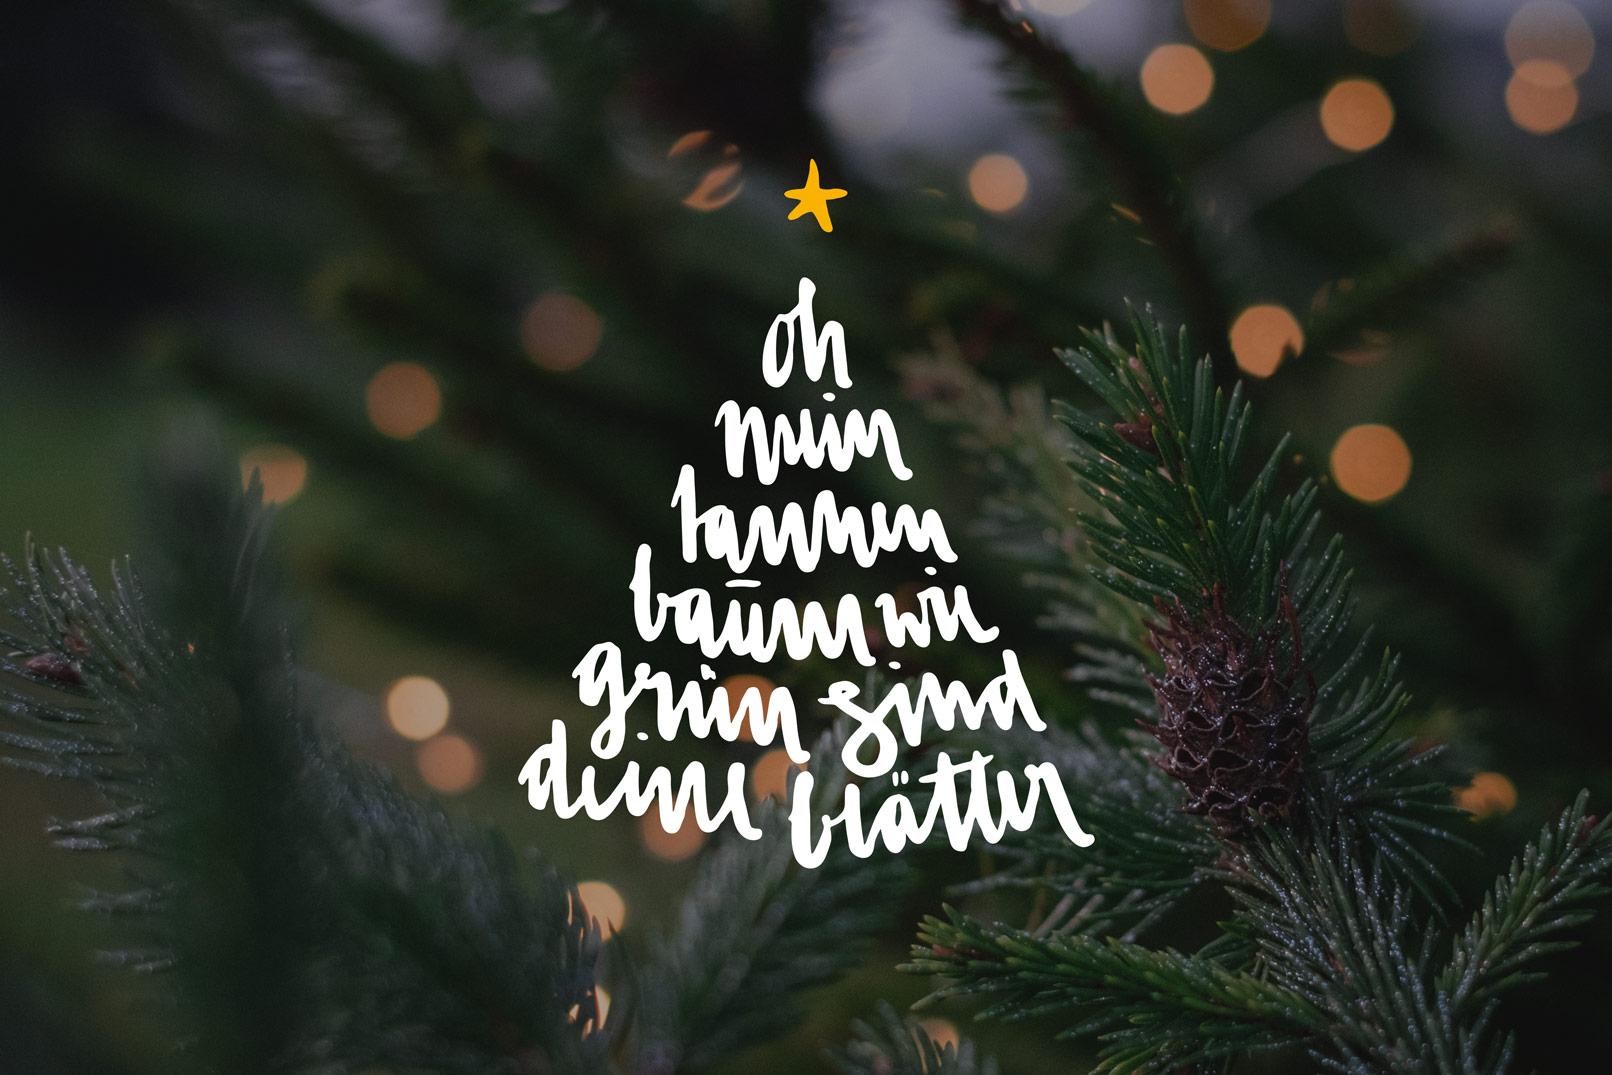 Frohe Weihnachten, Handlettering-Vorlage über einem Bild